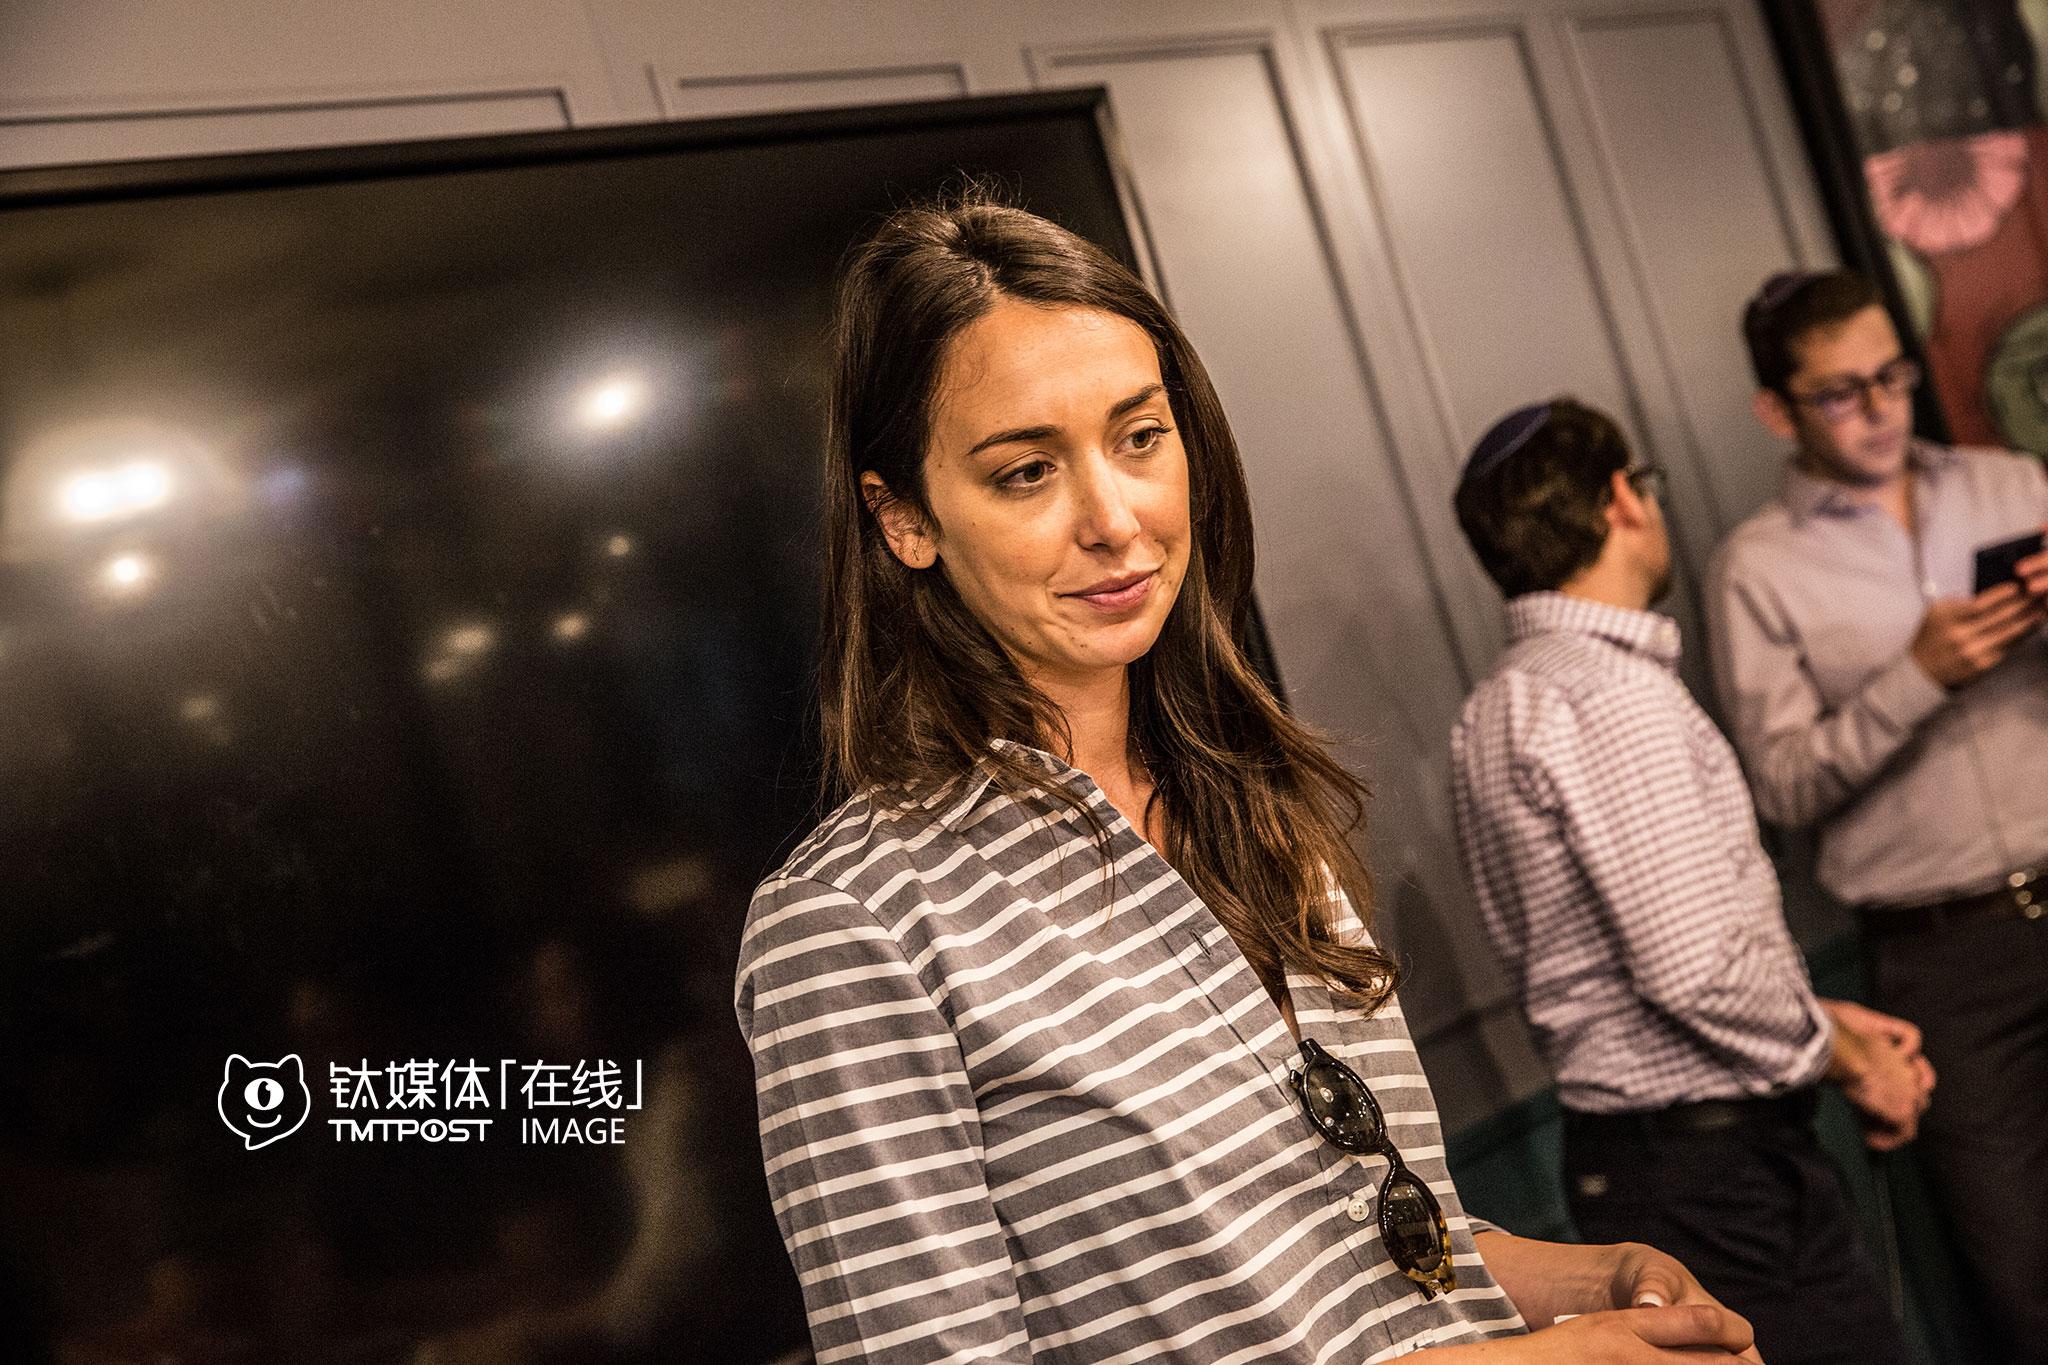 """Ronnie Ceder是wework以色列的一名经理。她说wework自己最大的职责是服务好创业者,让创业者可以百分之百地集中精力在开拓业务和寻找资金上。与中国的众创空间不同,Ronnie表示,wework在以色列并不能得到政府补贴,""""政府会补贴创业公司,而不是众创空间。"""""""